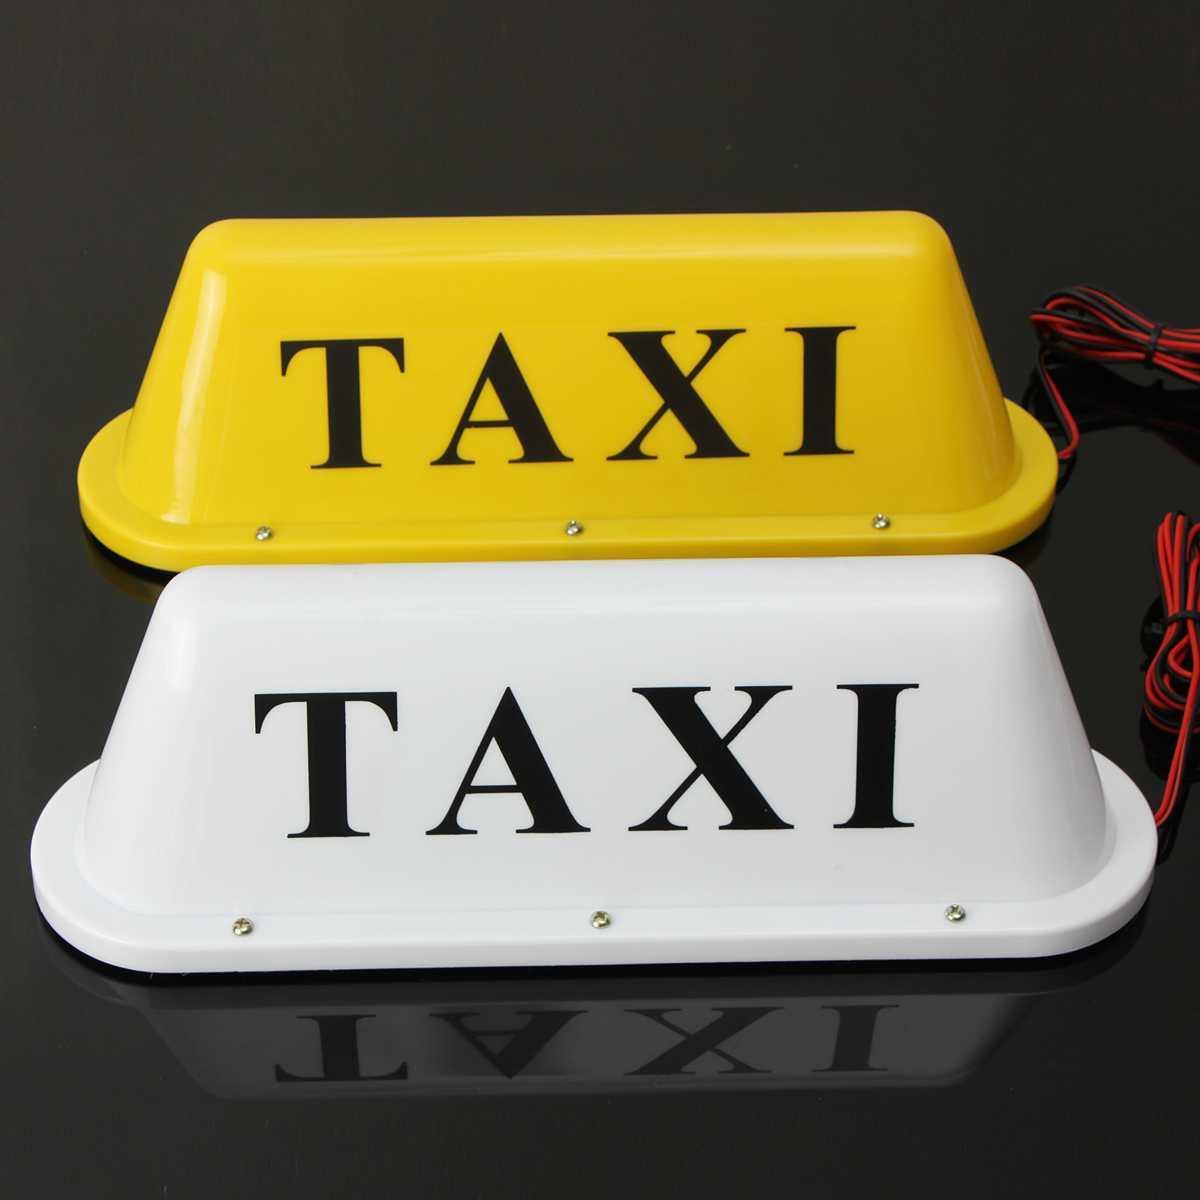 12 فولت سيارة أجرة المغناطيسي قاعدة سقف الأعلى كابينة الصمام علامة ضوء مصباح مع ولاعة السجائر ضوء أبيض أصفر